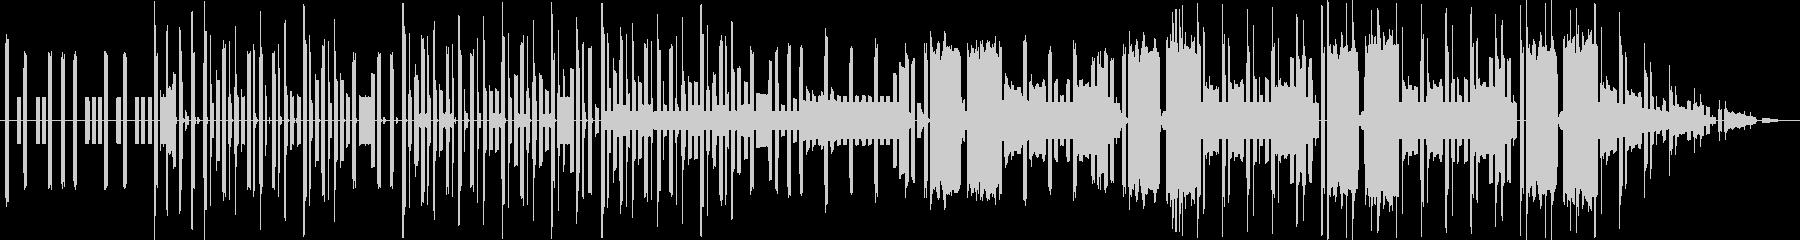 ファミコンサウンドのエレクトロの未再生の波形